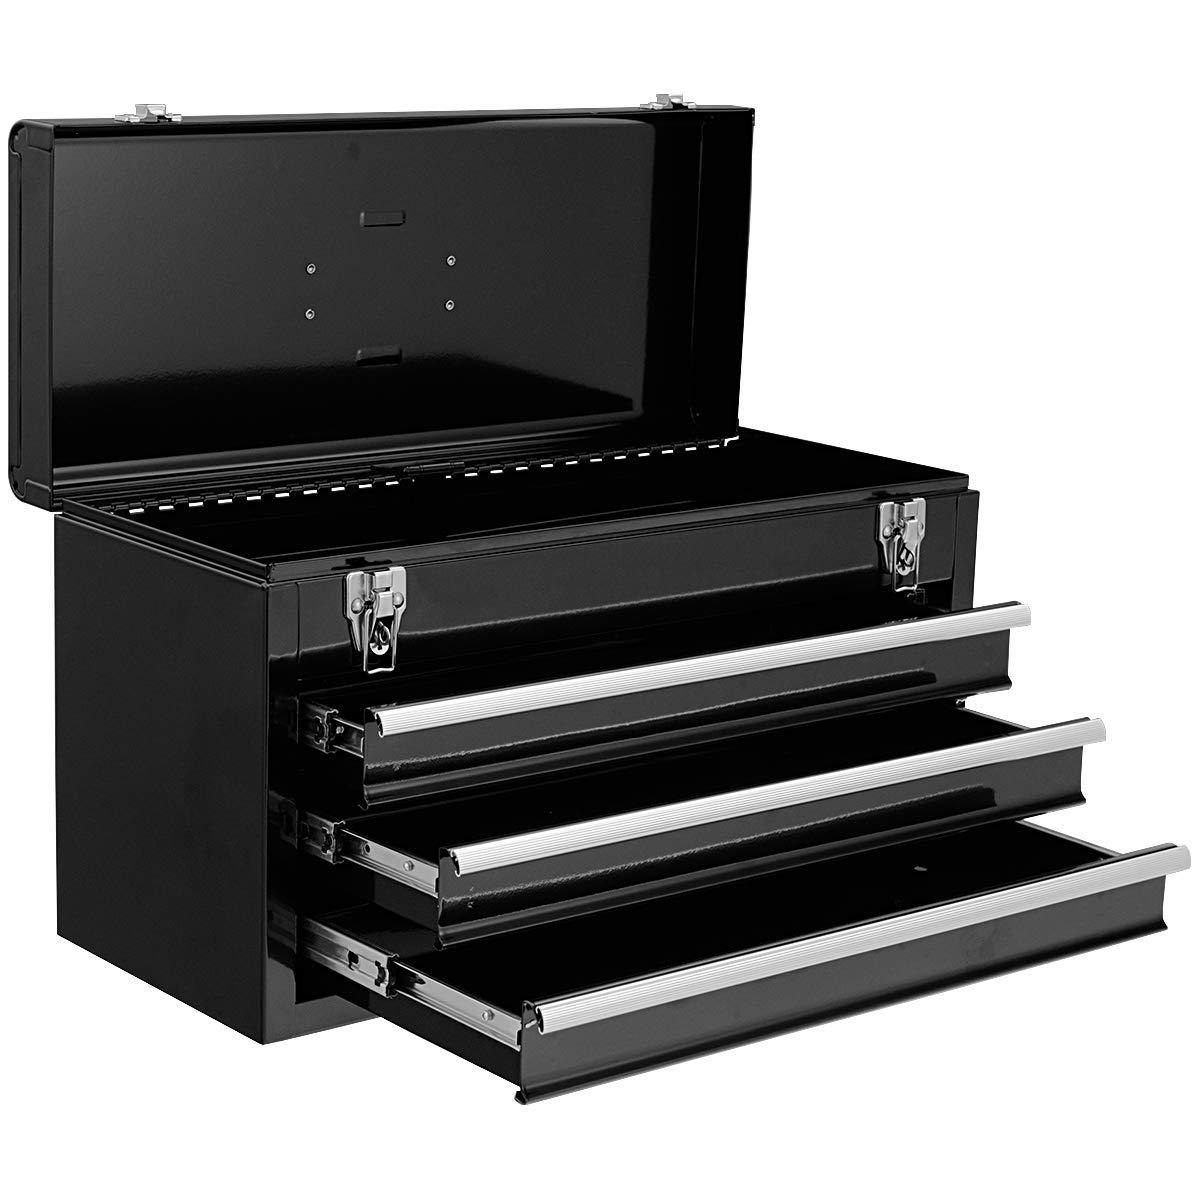 COSTWAY Caja de Herramientas Almacenamiento Metálica Portátil 3 Cajones + Bandeja 52x21,5x30cm (Negro): Amazon.es: Bricolaje y herramientas